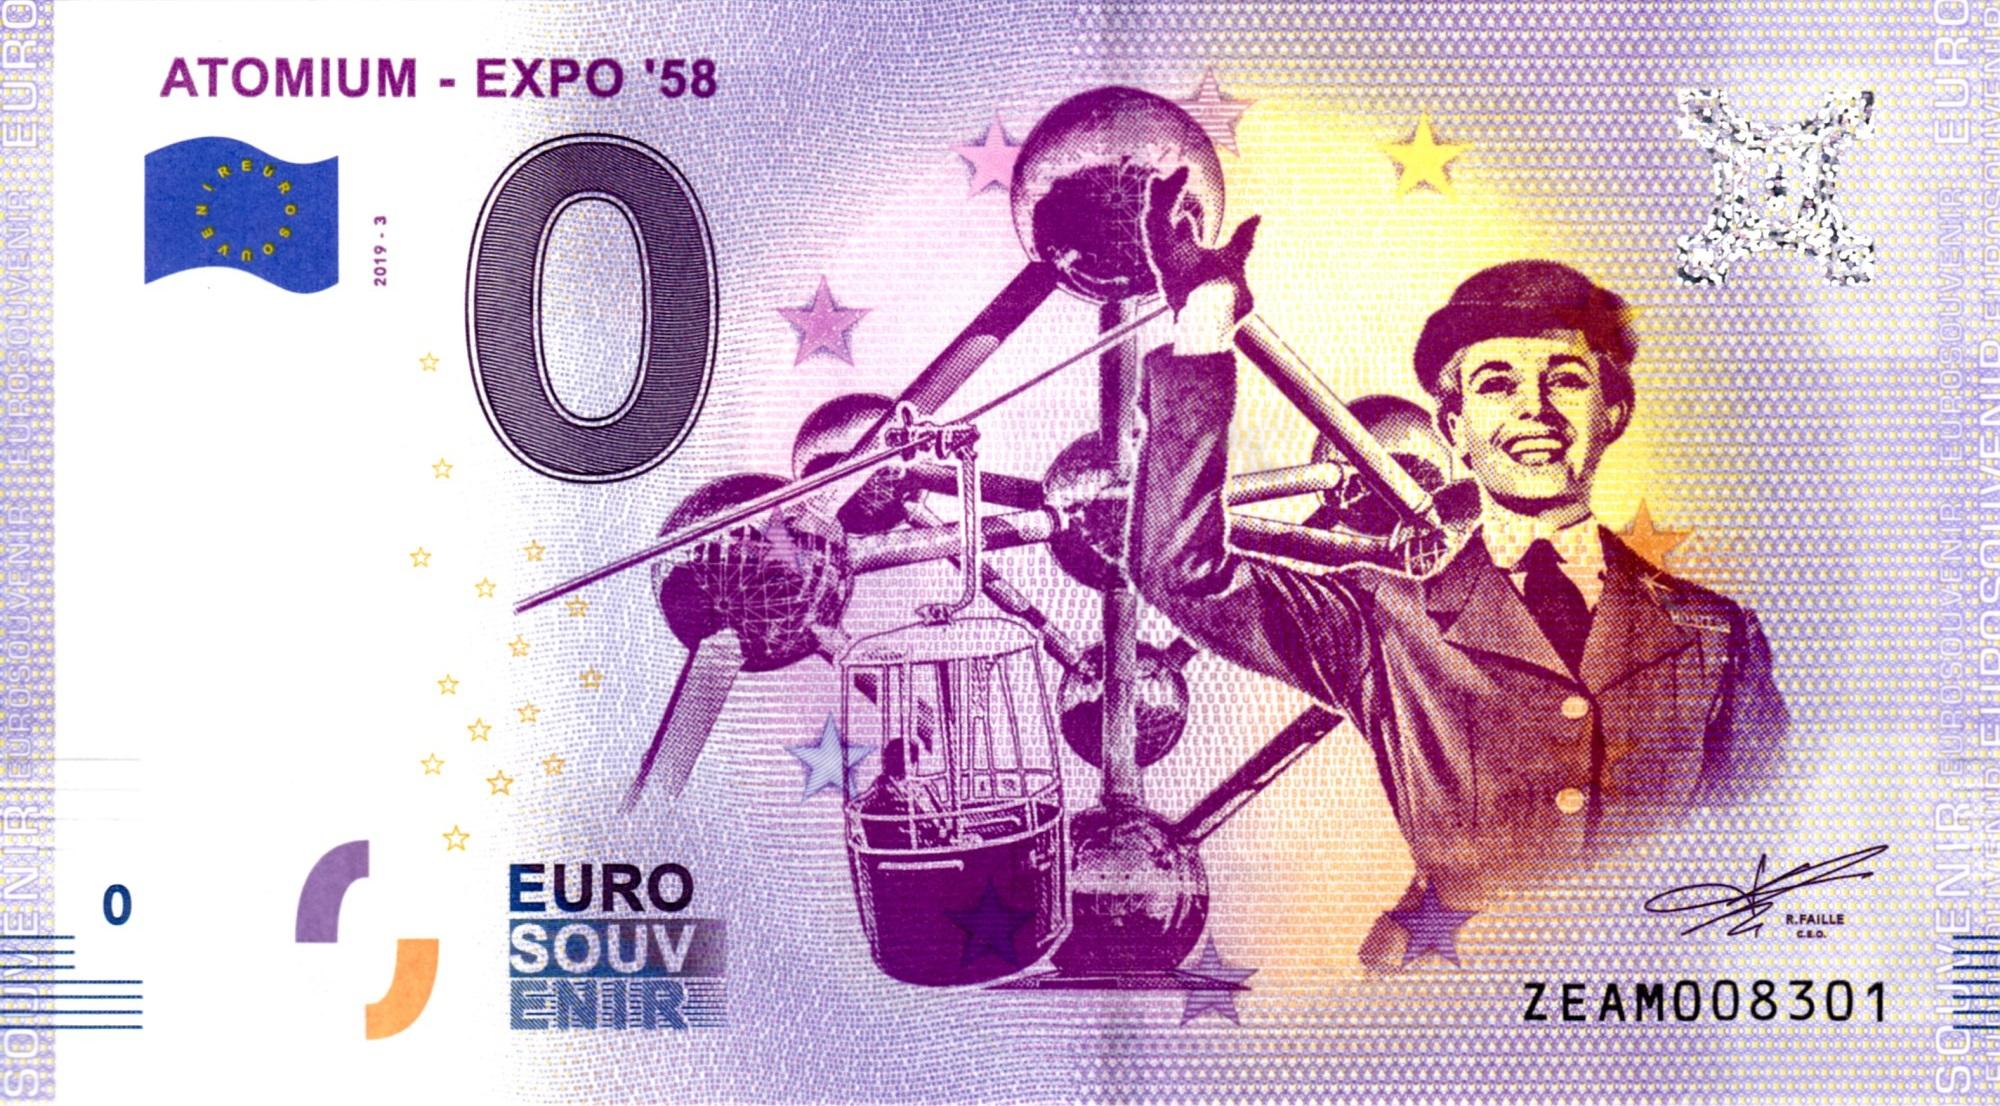 0_Euro_Atomium_Expo 58_PEAQ2019-3 .jpg